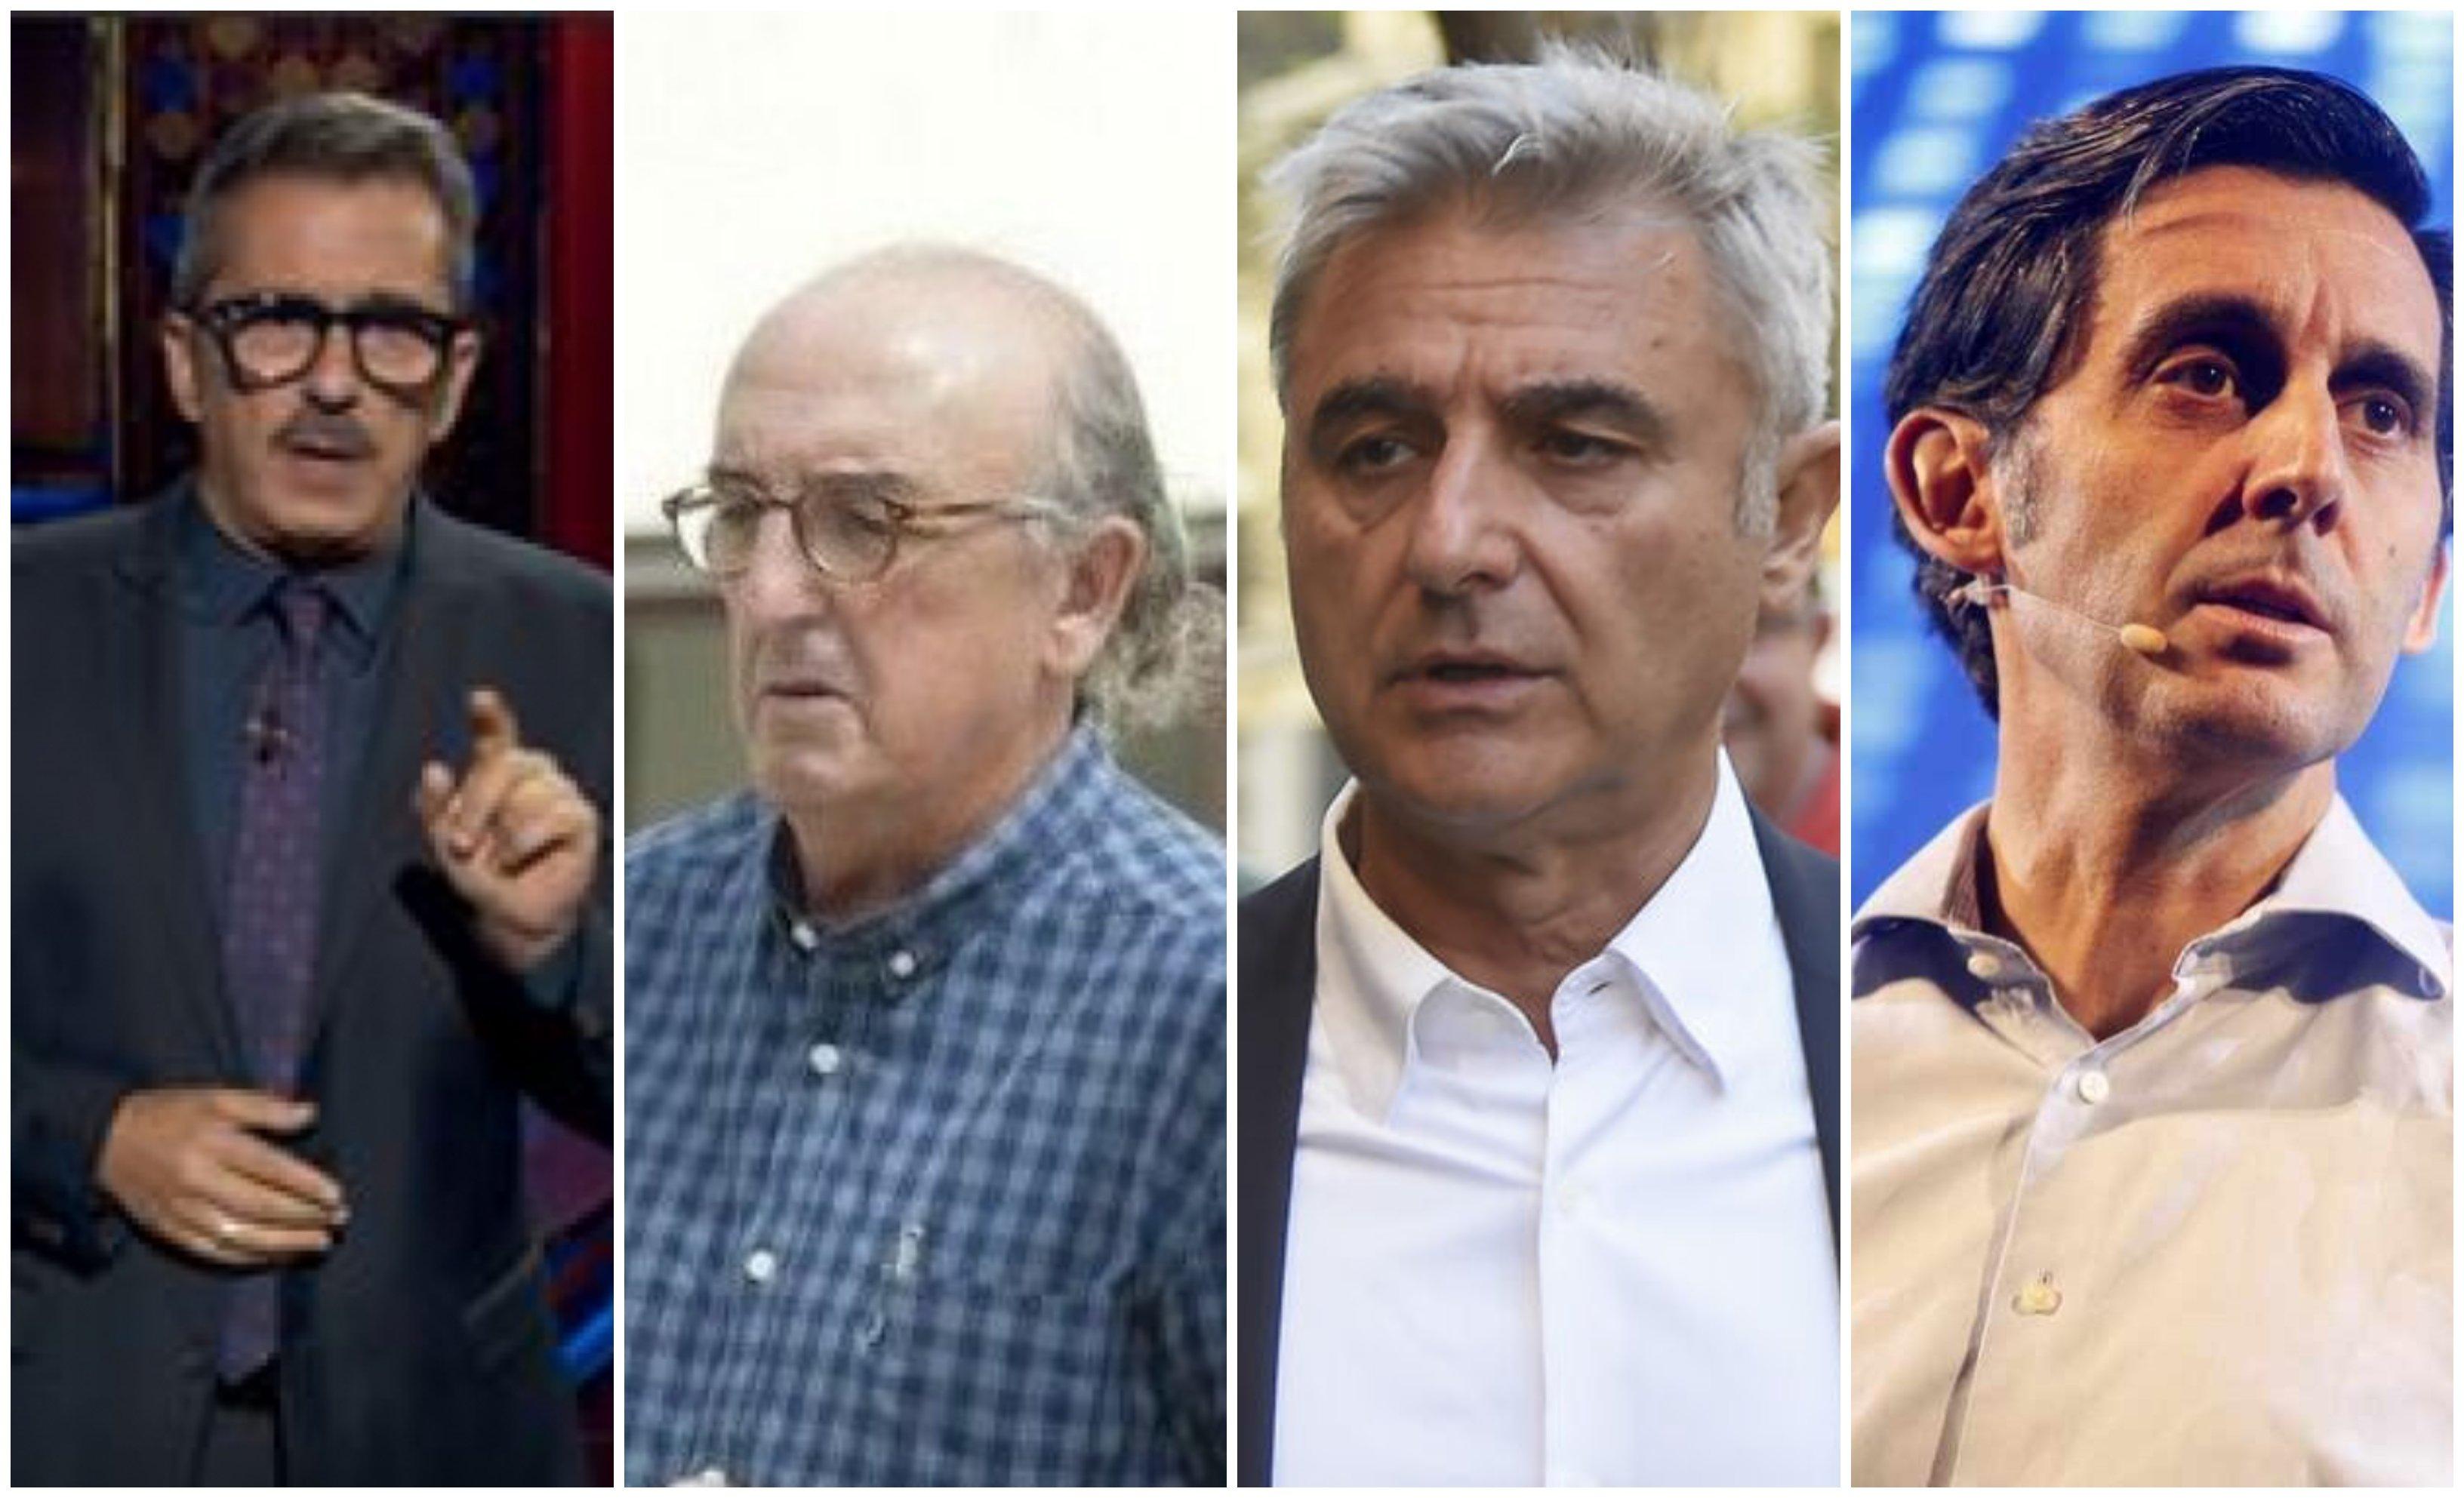 Buenafuente, Roures, Barroso y Pallete